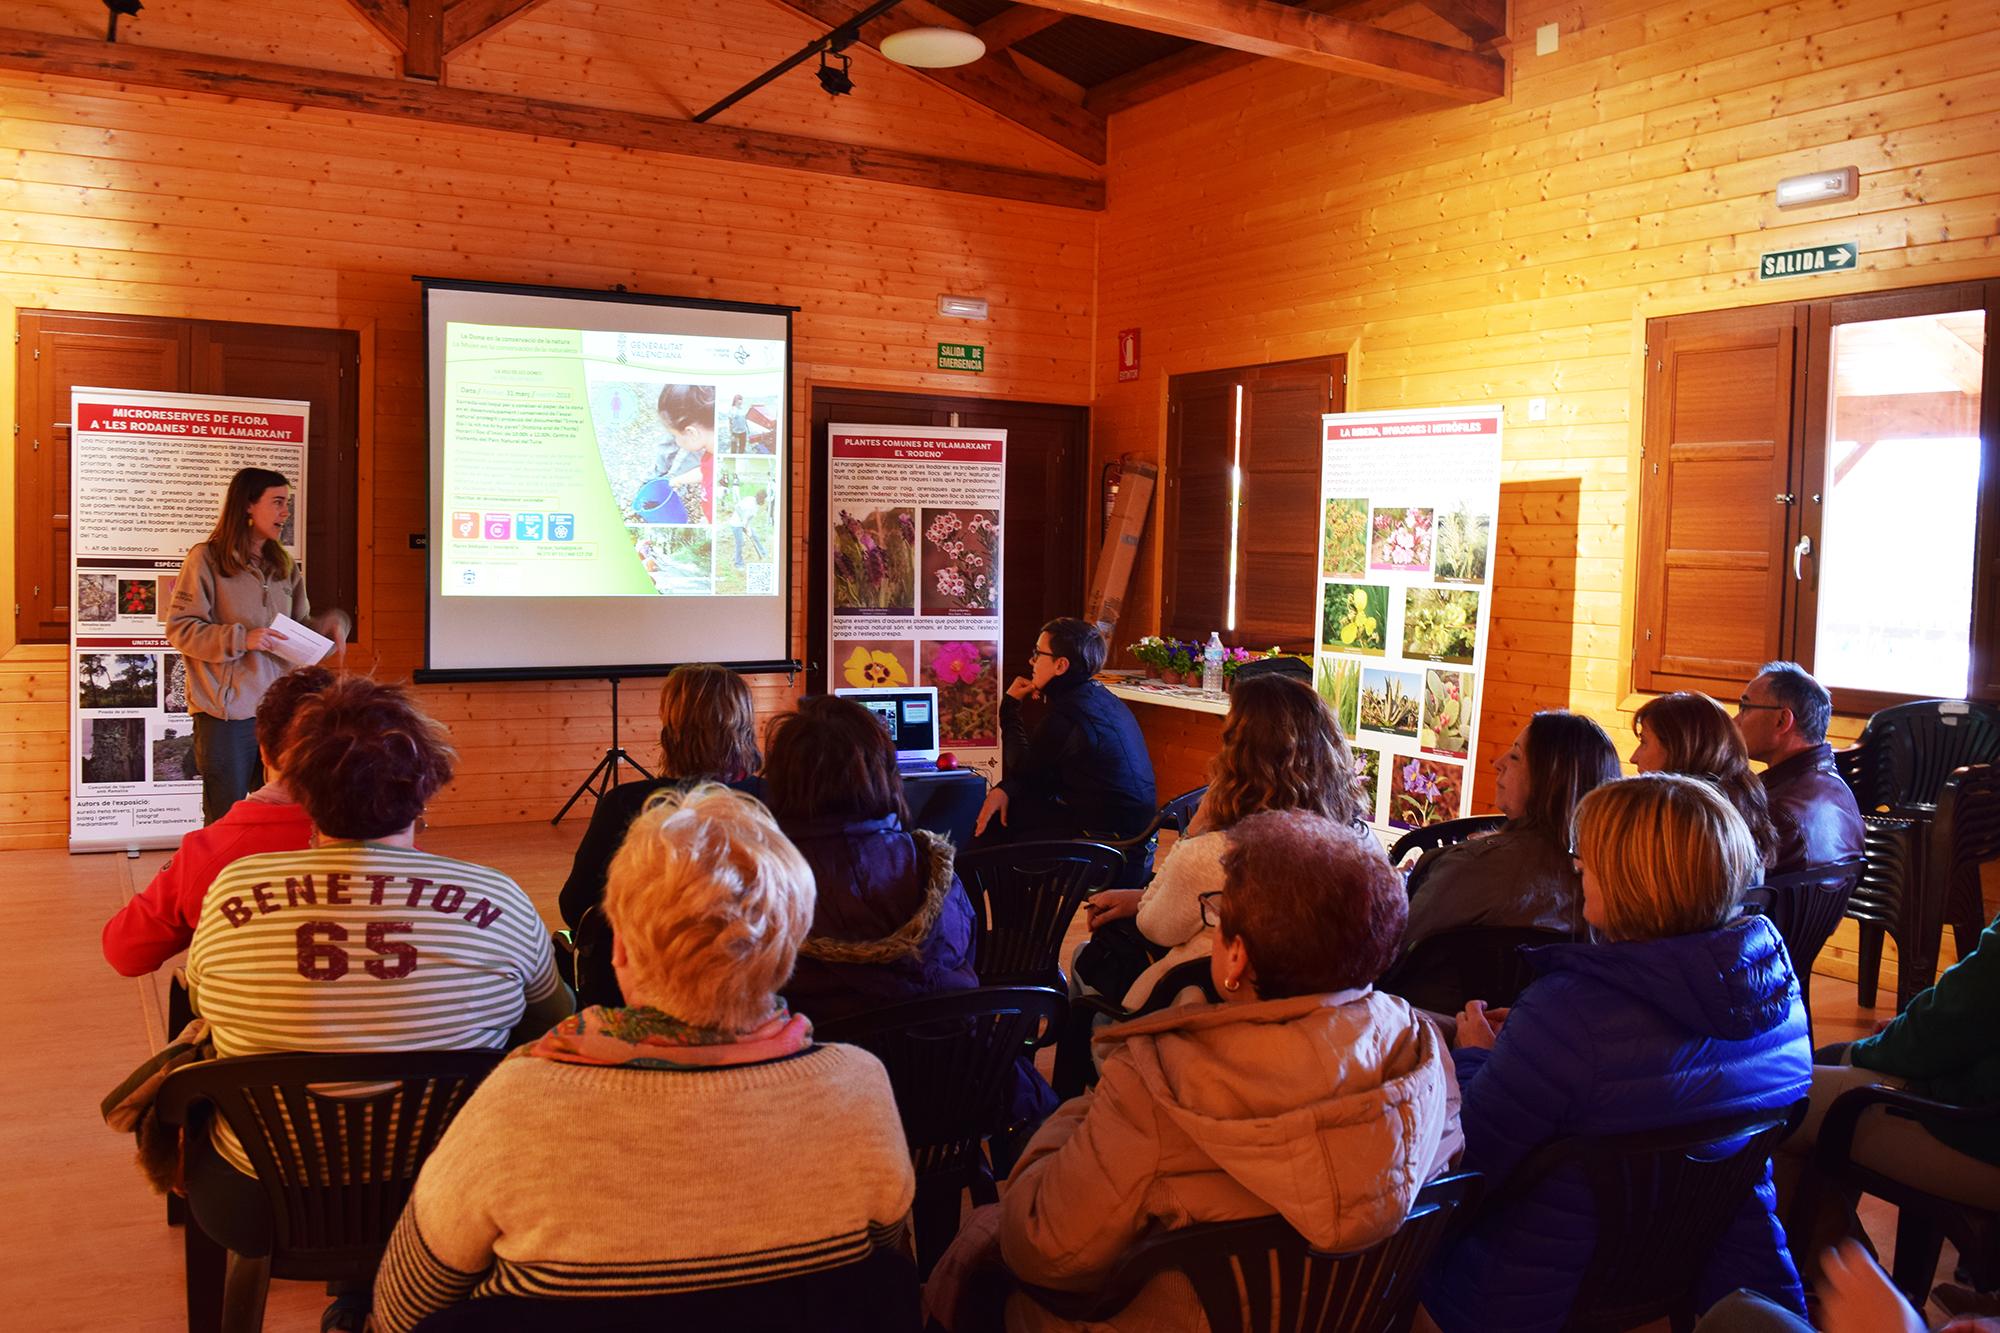 Este dissabte, 31 de març, el Centre de visitants del Parc Natural del Túria va acollir esta xarrada-col·loqui amb la presència d'una vintena de dones voluntàries i representants d'associacions mediambientals i ecologistes.